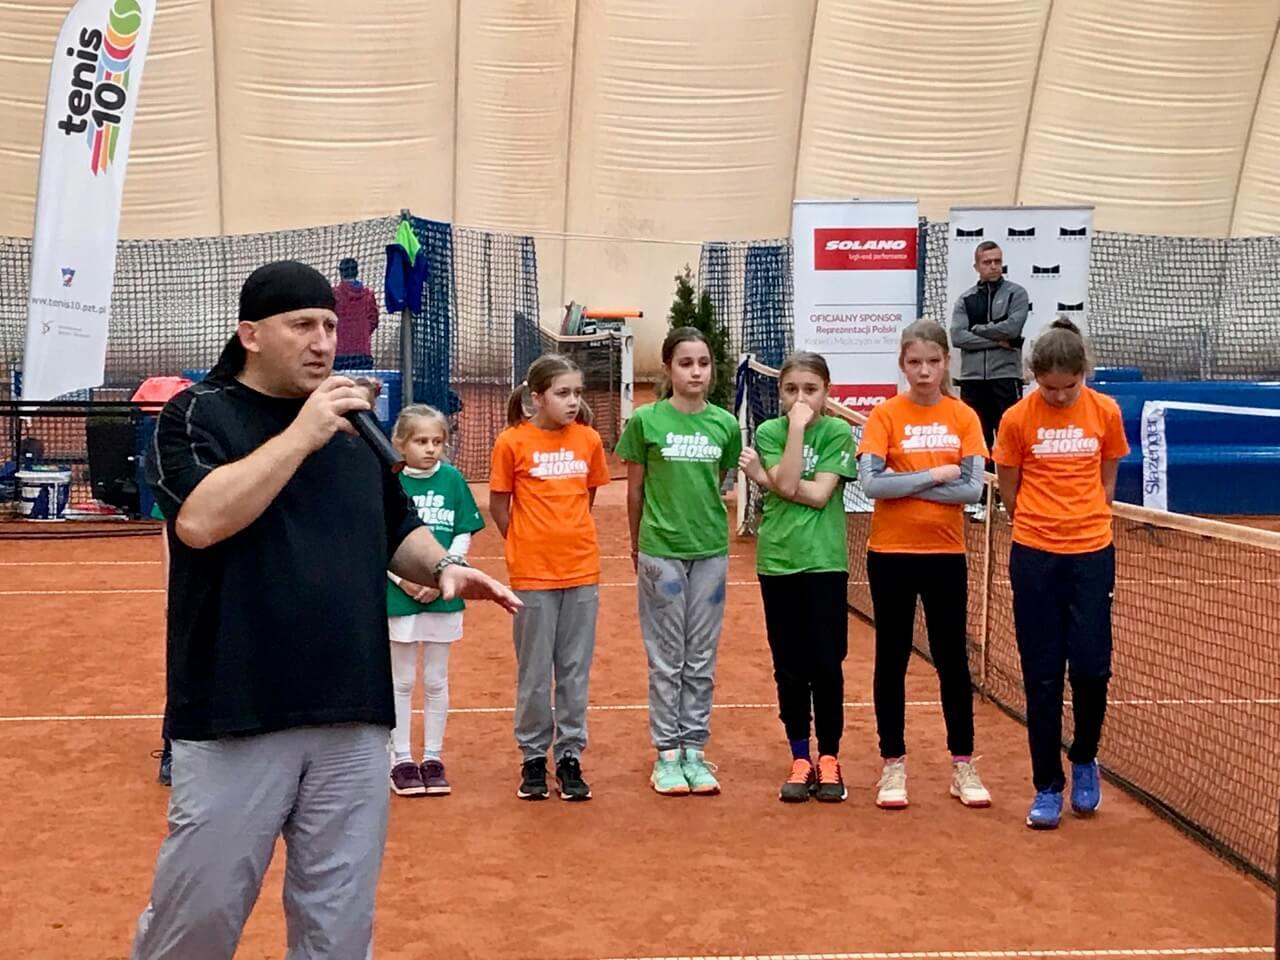 Na zdjęciu: prezentacja zajęć tenisowych dla dzieci podczas konferencji Tenis10